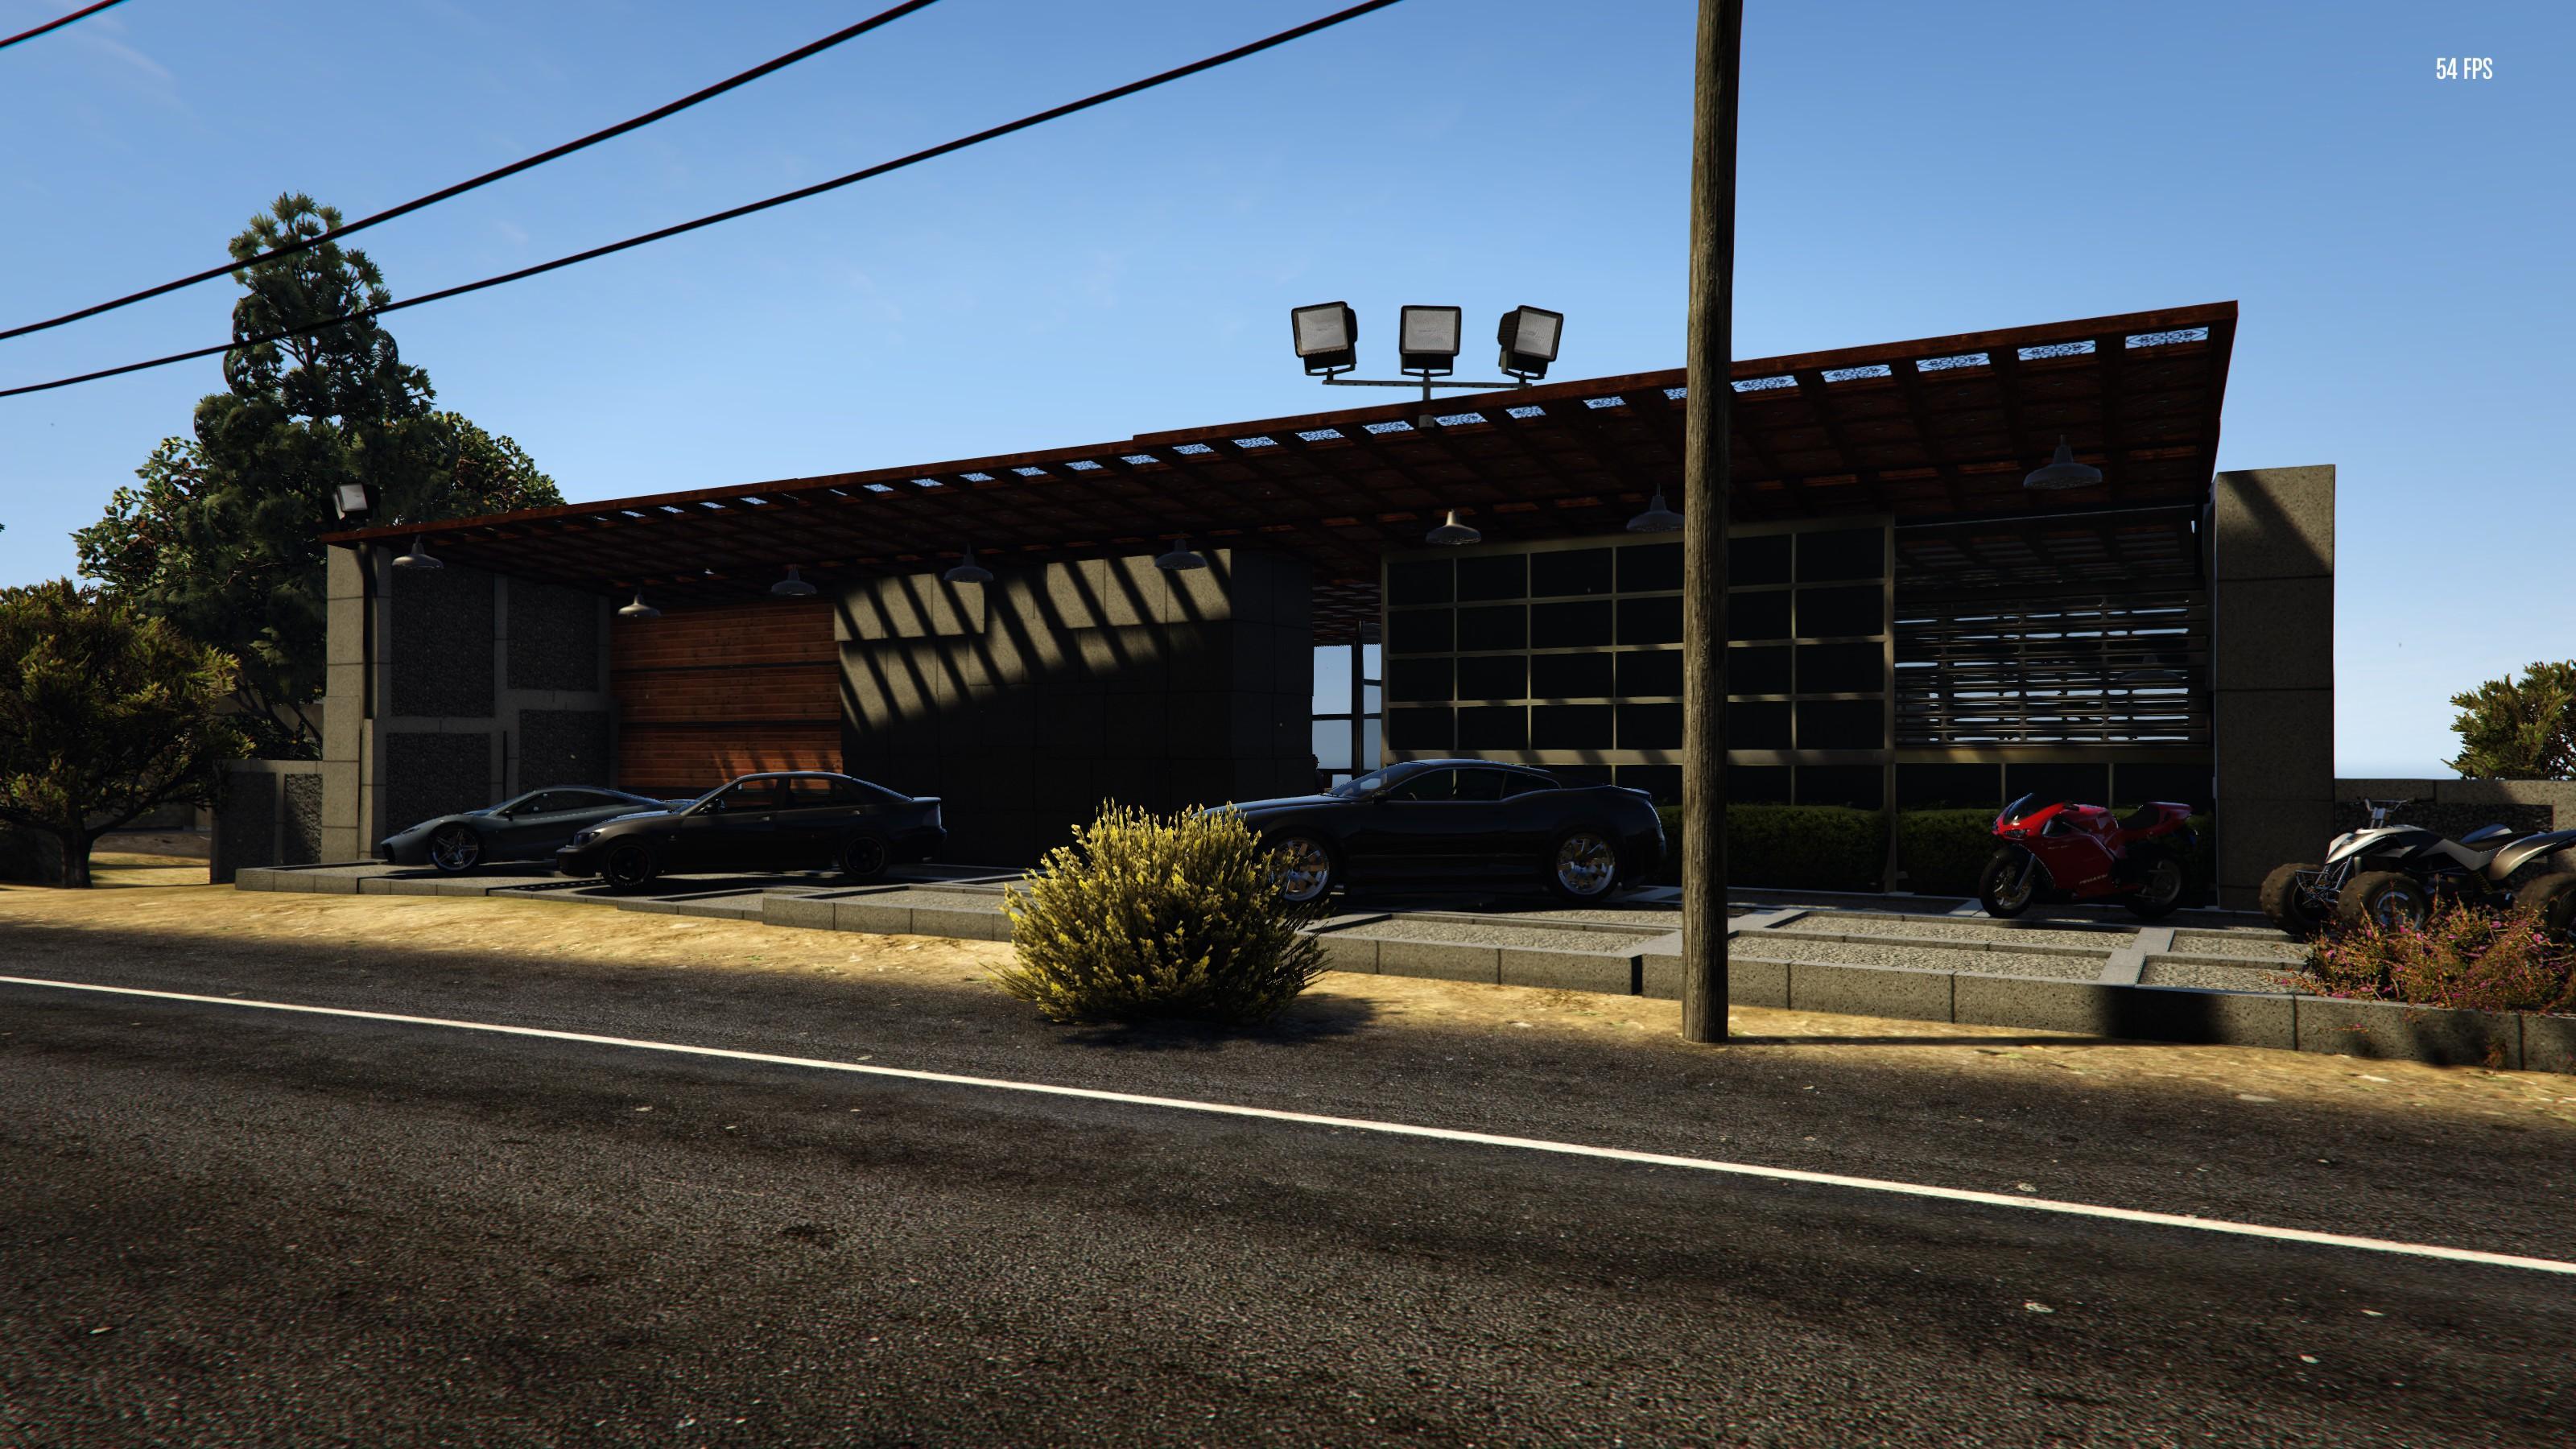 Paleto bay post modern home gta5 for Post modern house